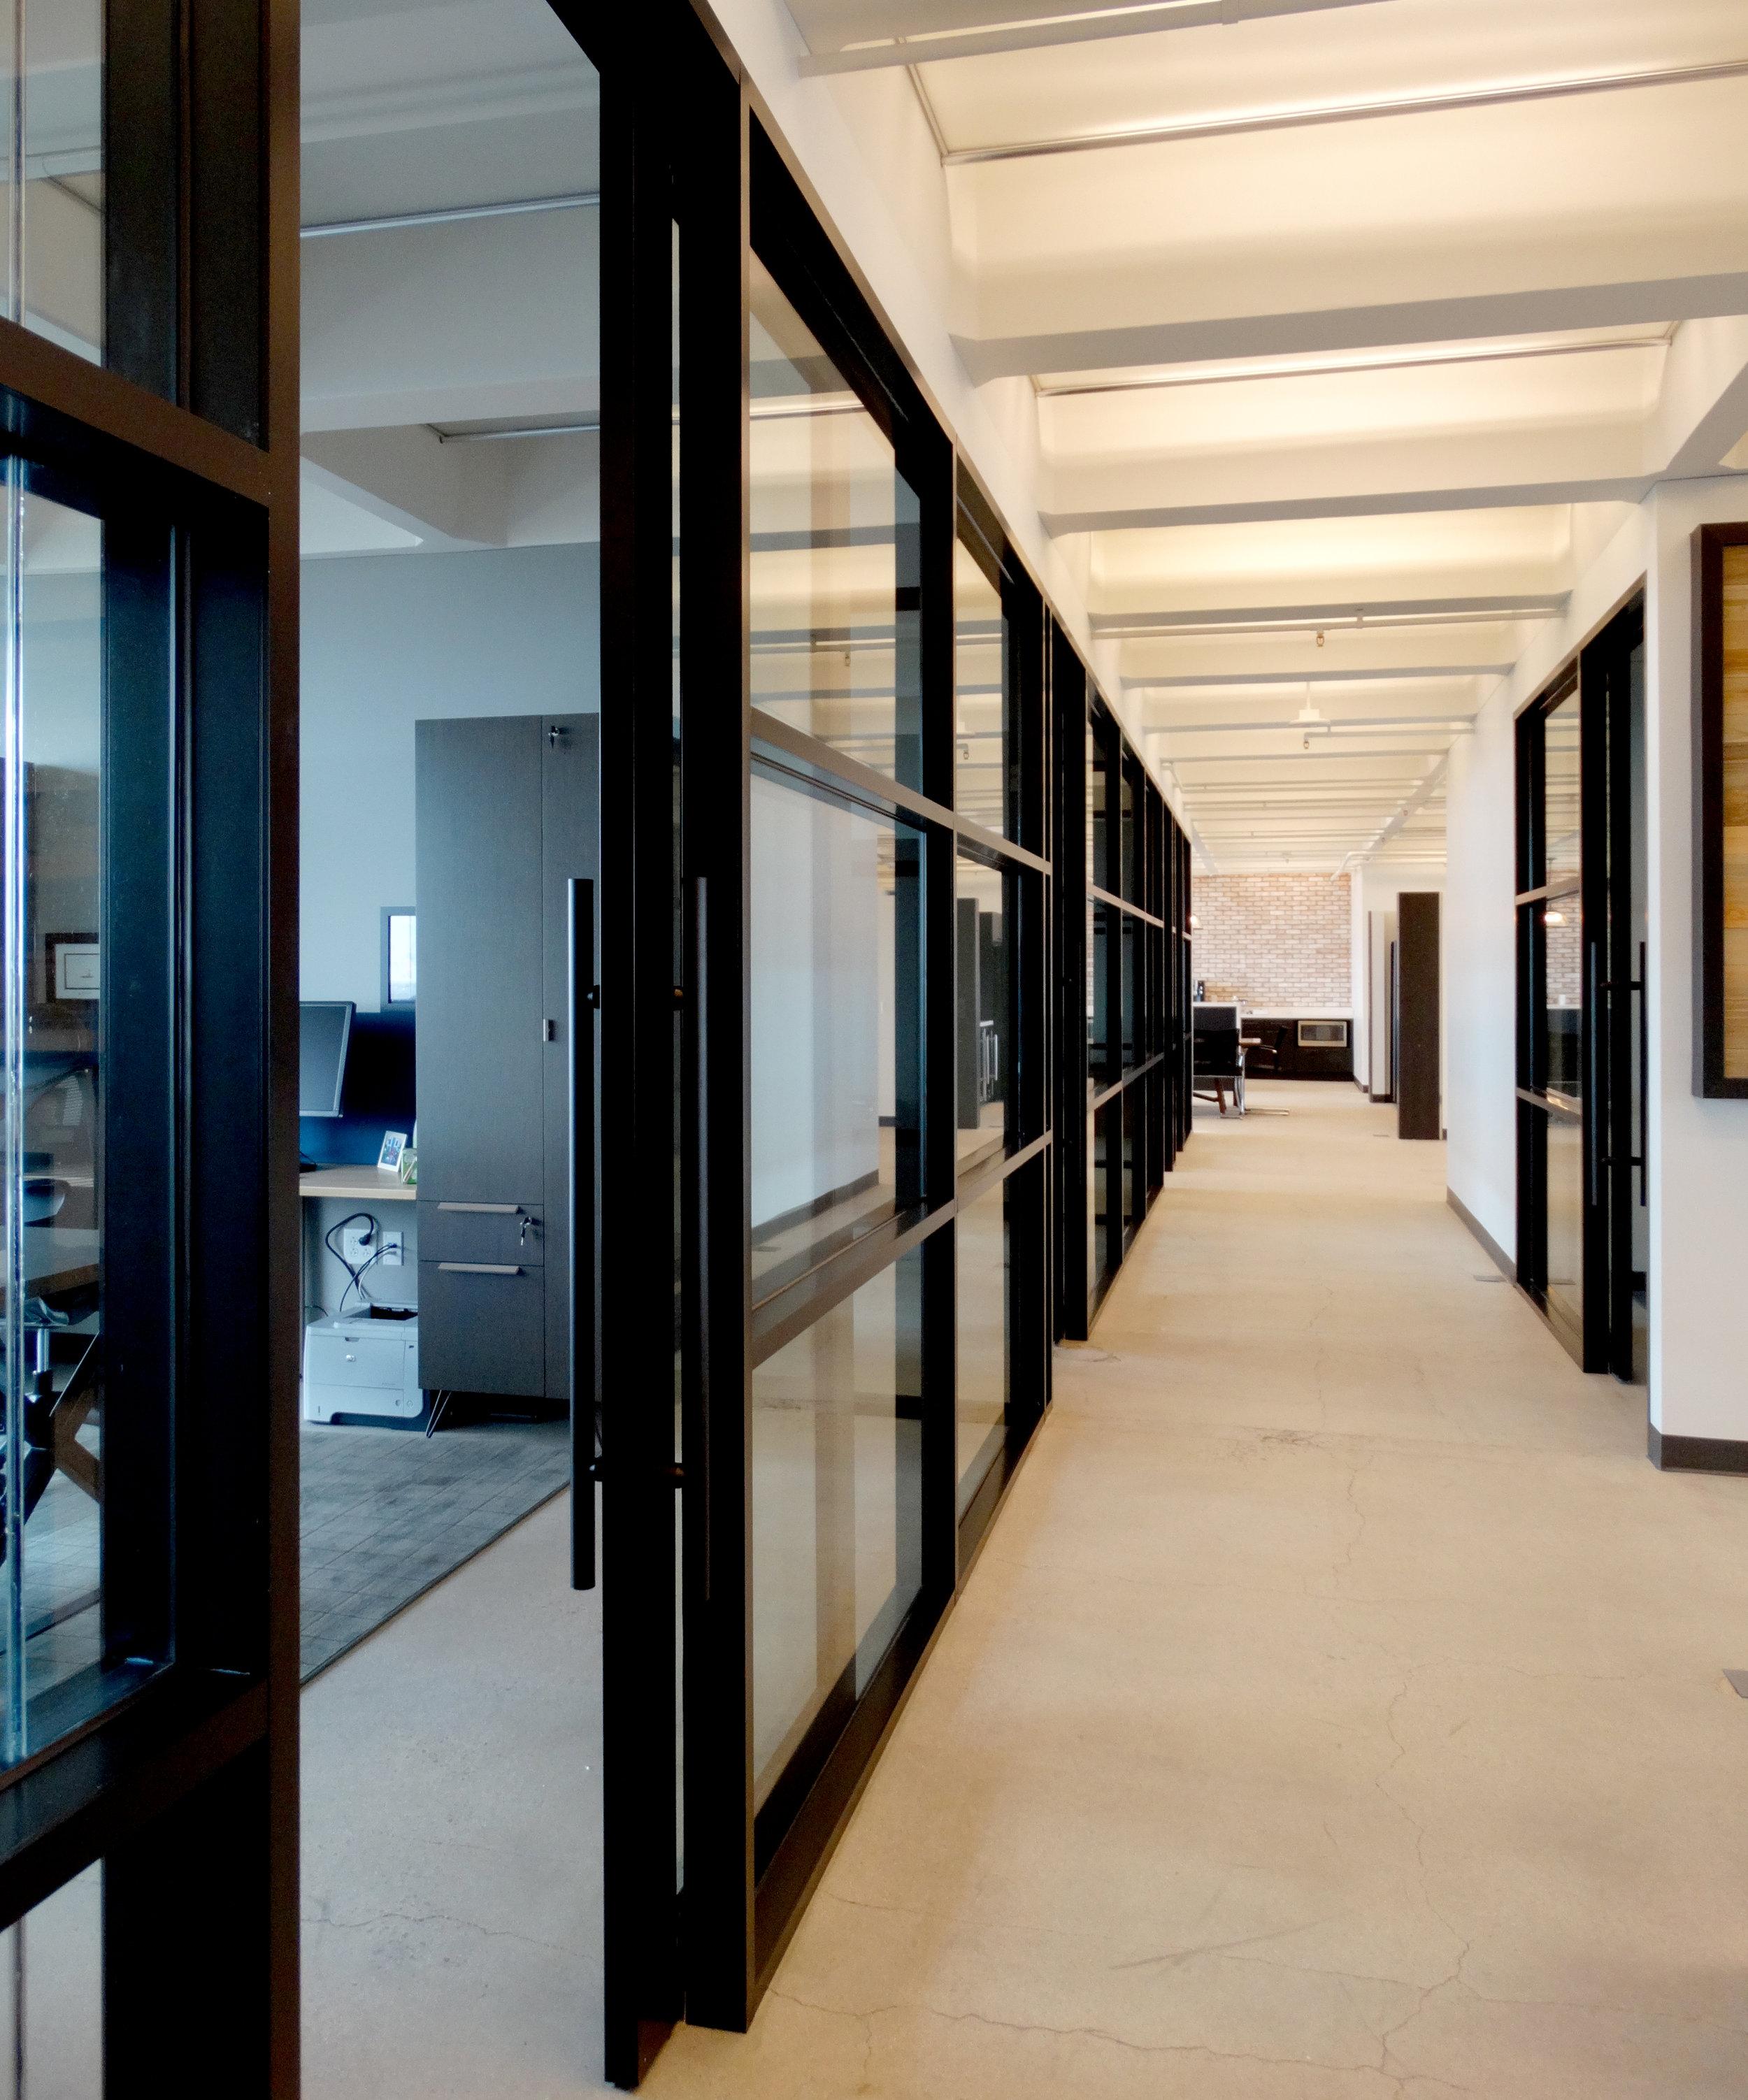 Encase Black Aluminum Framed Sliding Door Mullion Office Fronts - Spaceworks AI.JPG